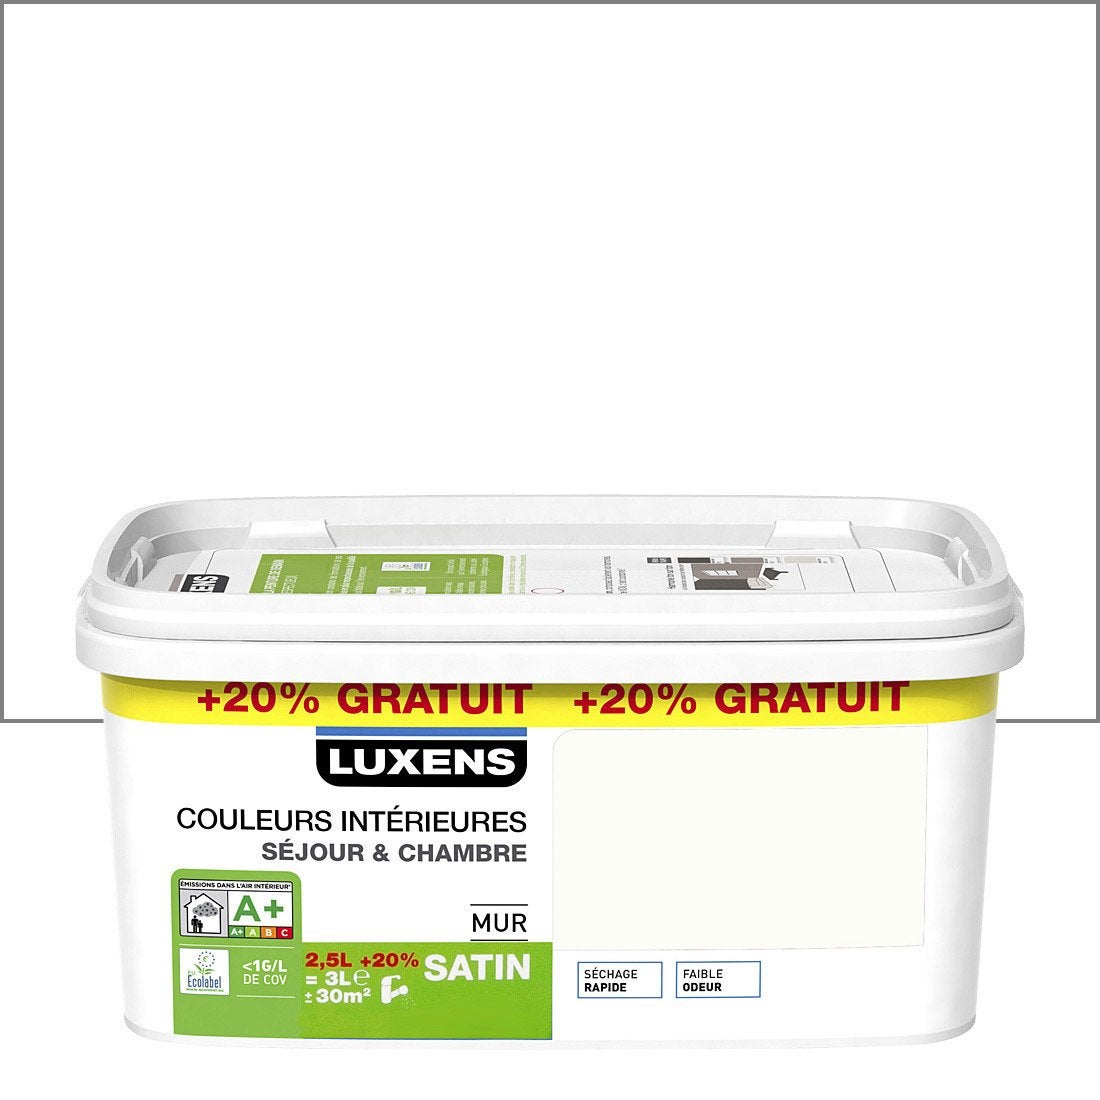 Peinture luxens comparez les prix de leroy merlin brico depot bricoman et weldom for Peinture pour plastique exterieur brico depot